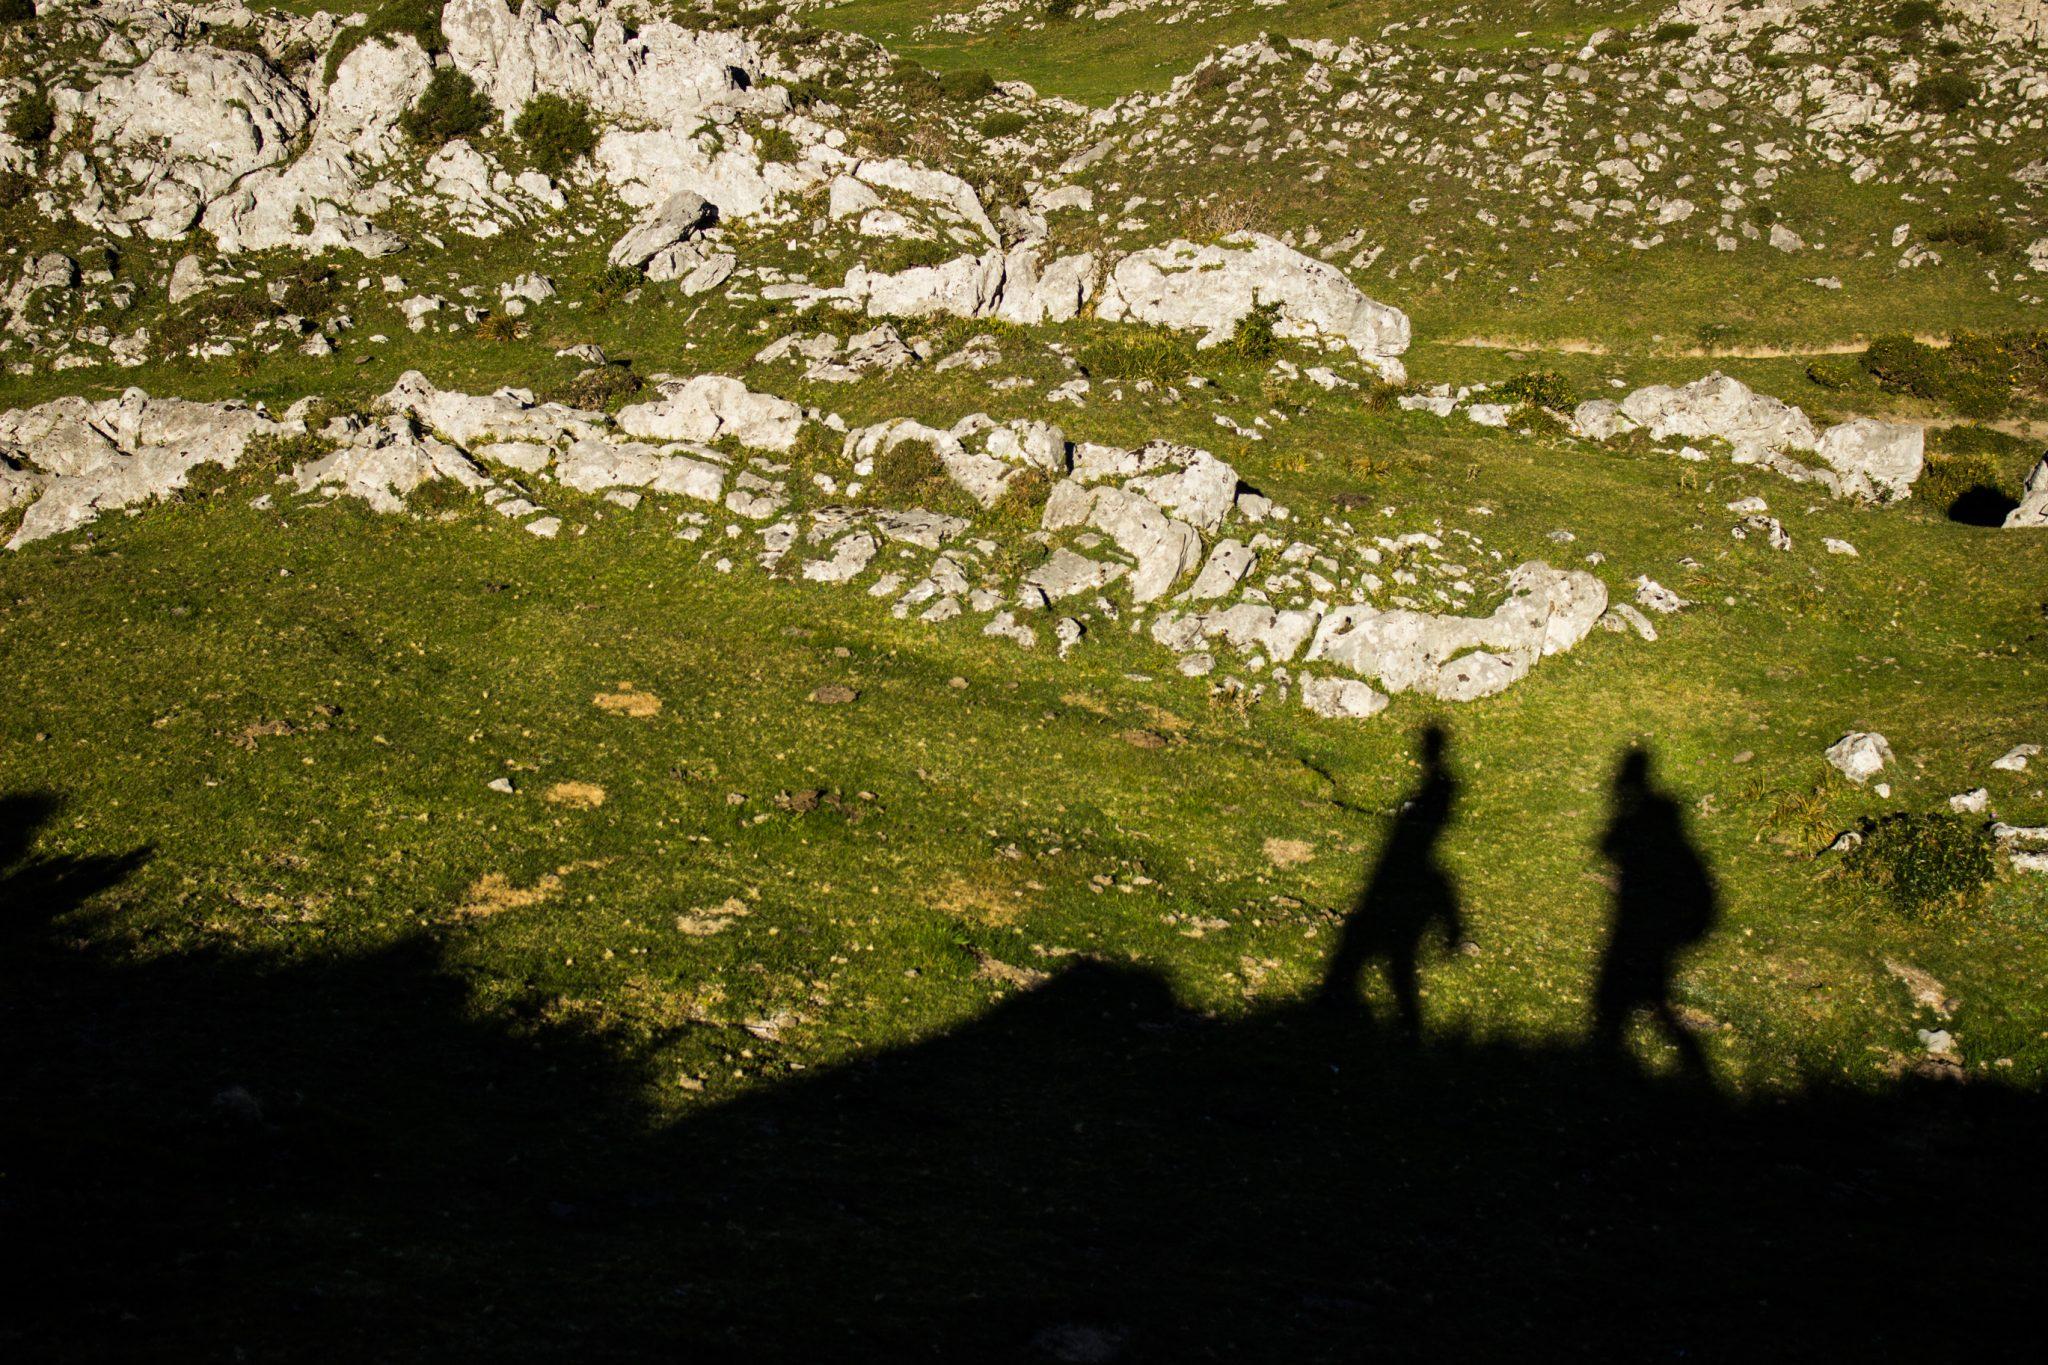 Wanderung Mirador de Ordiales Picos de Europa Spanien, schöner sehr schmaler und einsamer Wanderweg in Bergregion, Schatten von Wanderern Felsen und zerklüftete Steine, saftig grüne Wiesen, Nationalpark im Norden Spaniens